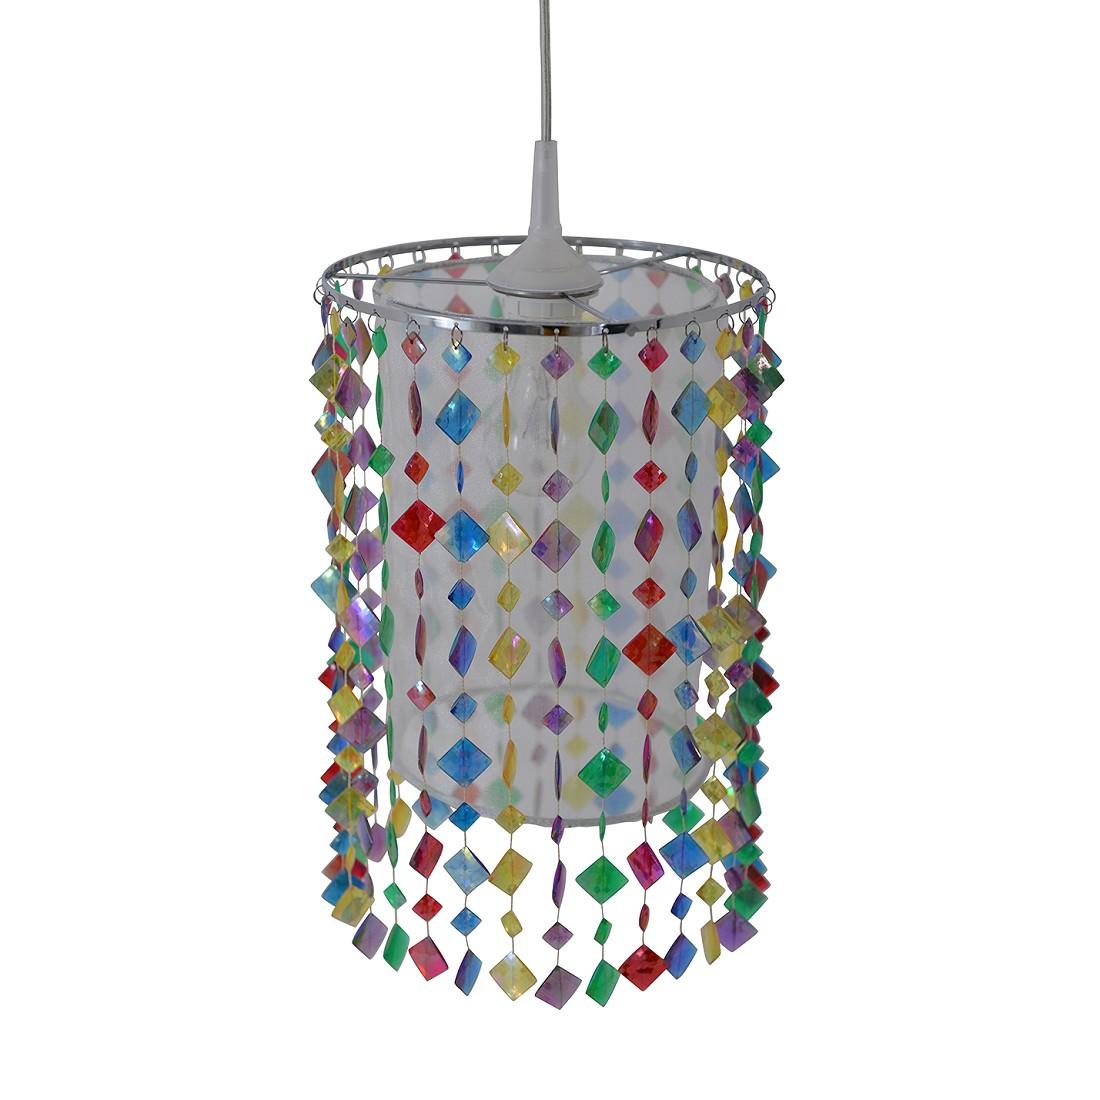 Schirm Fancy zu Pendel-/Tischleuchte Fancy ● Metall ● Multicolor ● 1-flammig- Näve